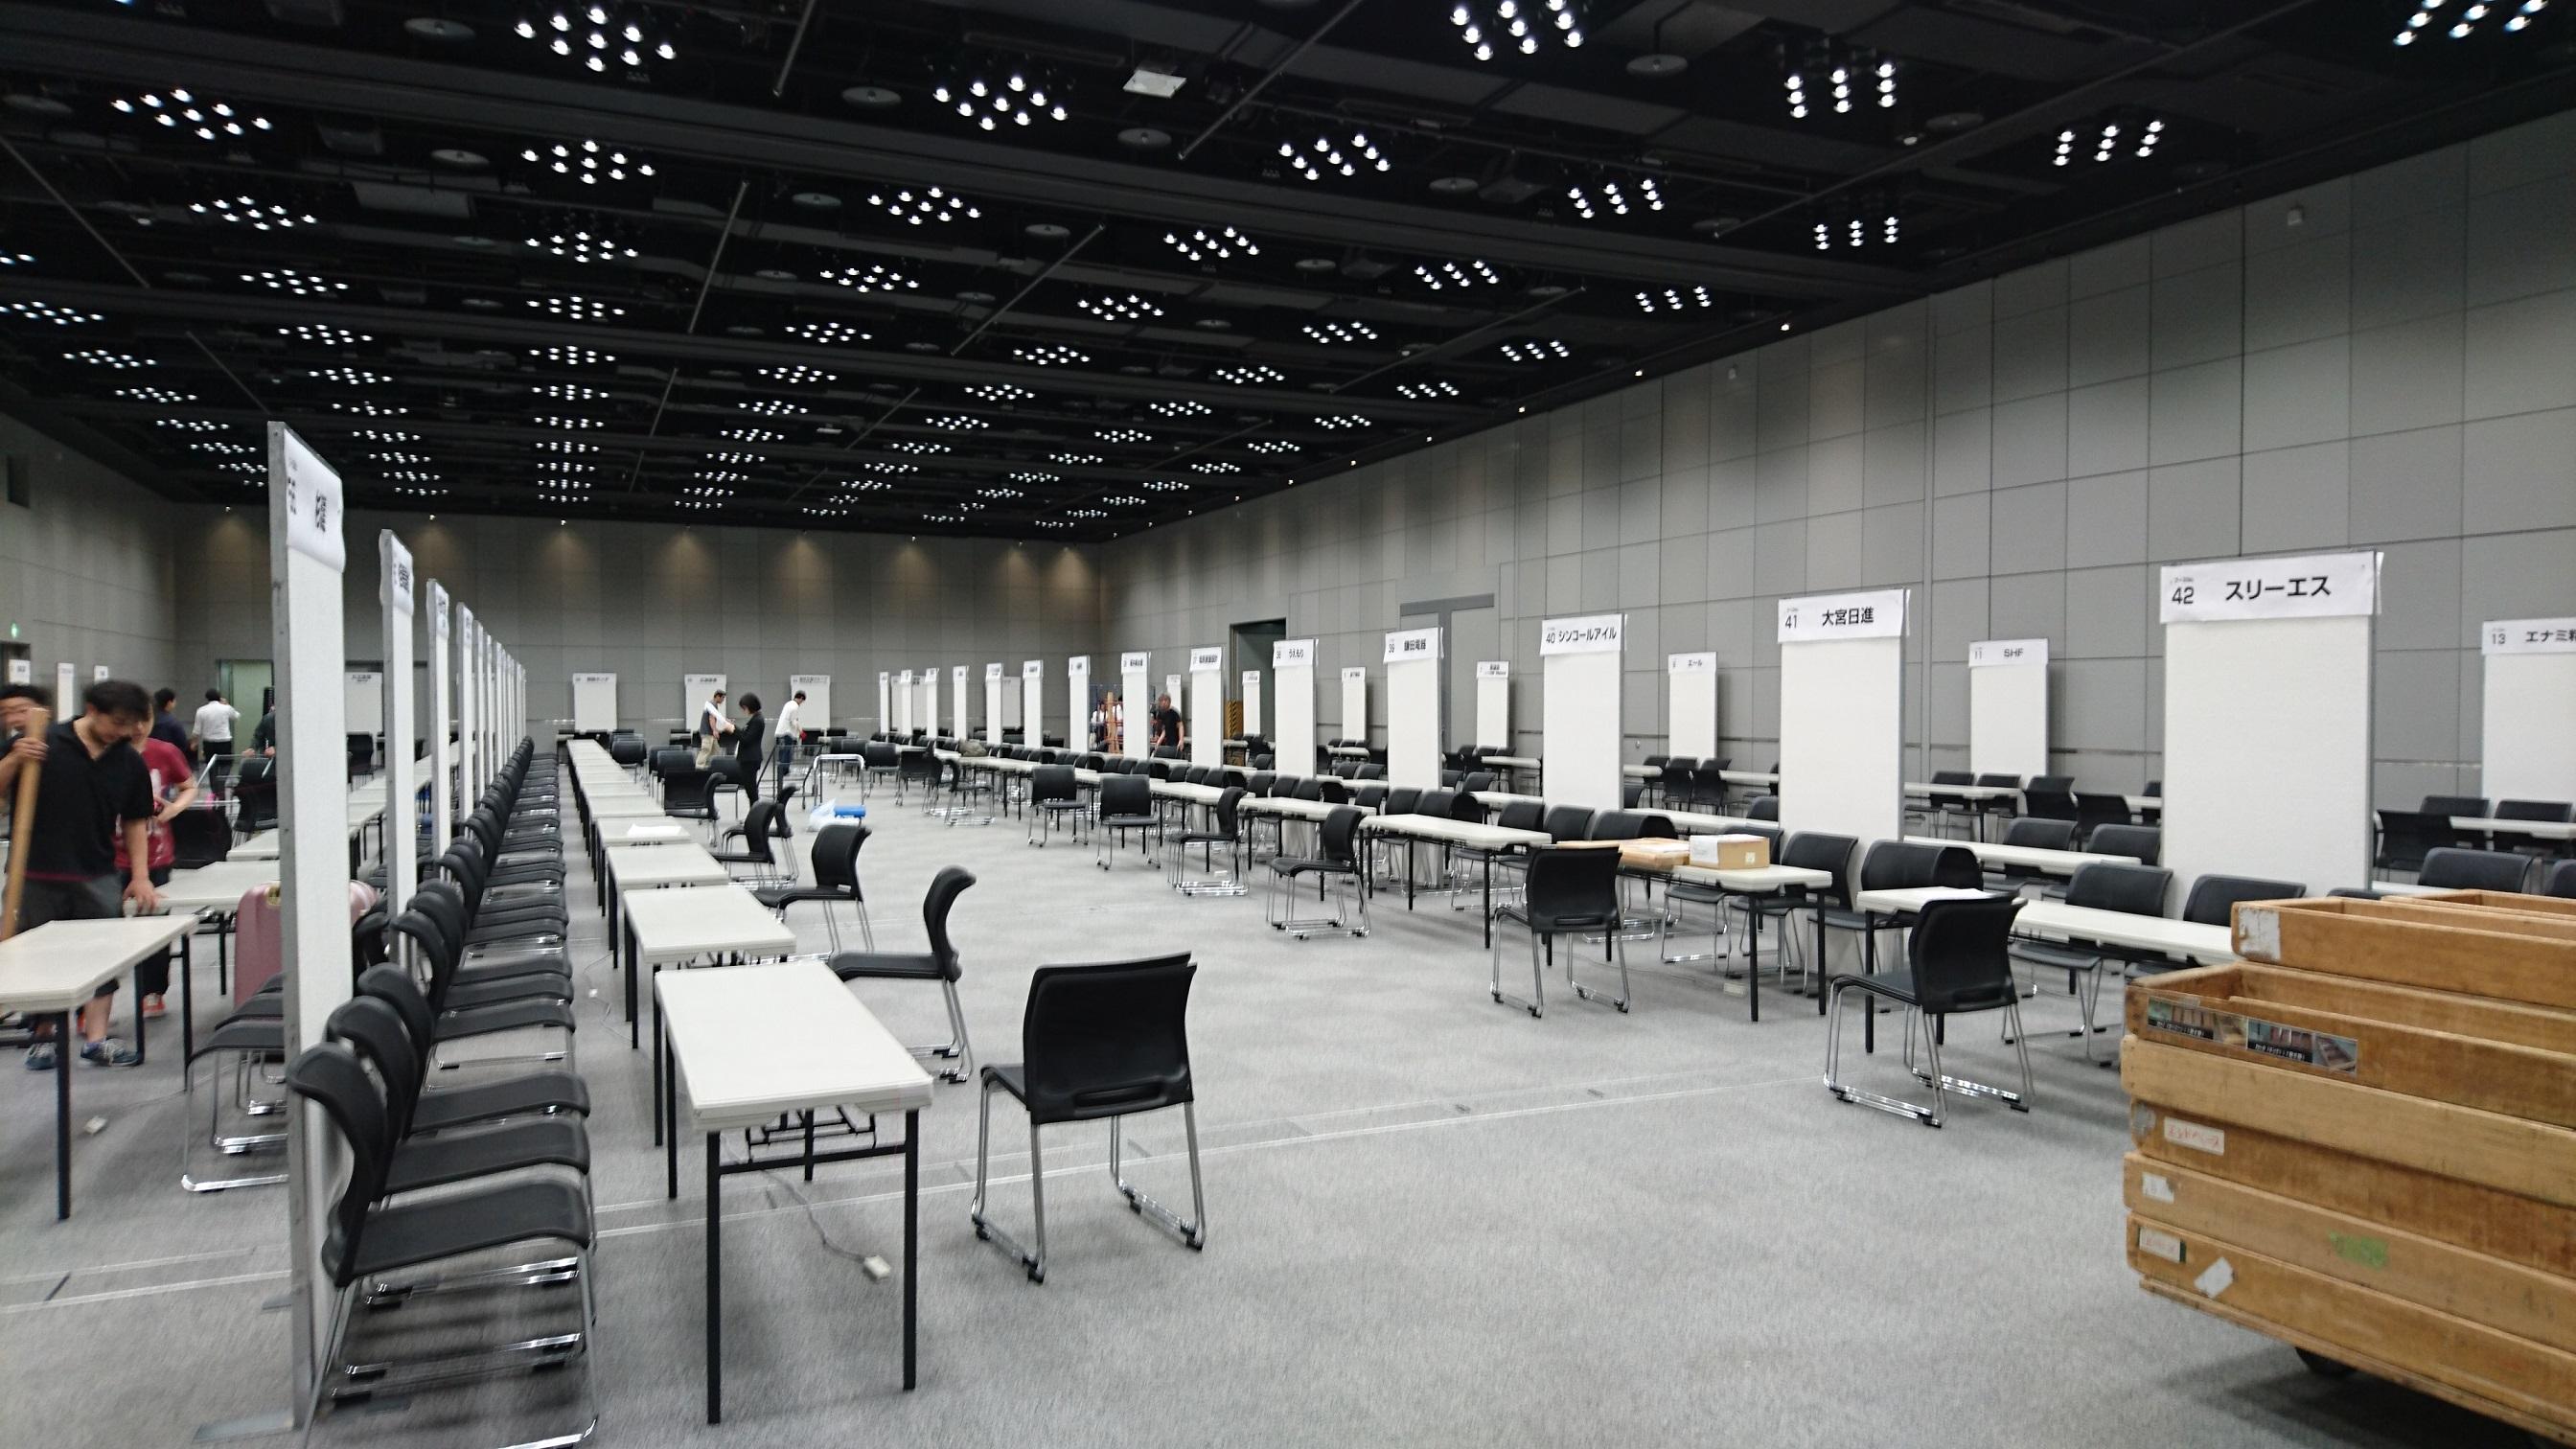 2016合同就職面接会 (開催前)